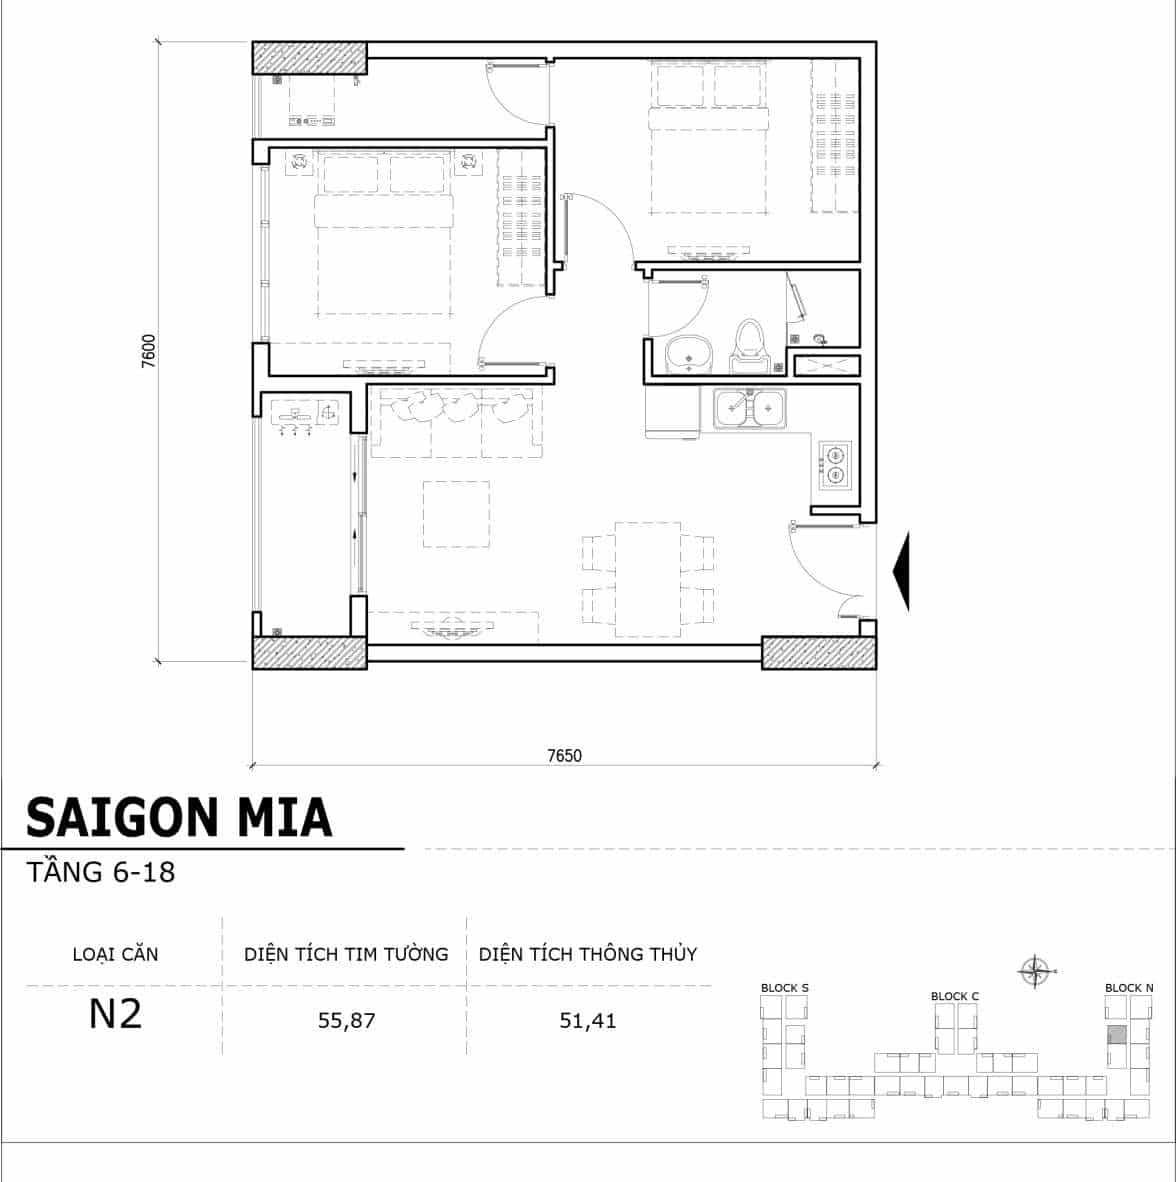 Chi tiết thiết kế căn hộ điển hình tầng 6-18 dự án Sài Gòn Mia - Căn N2